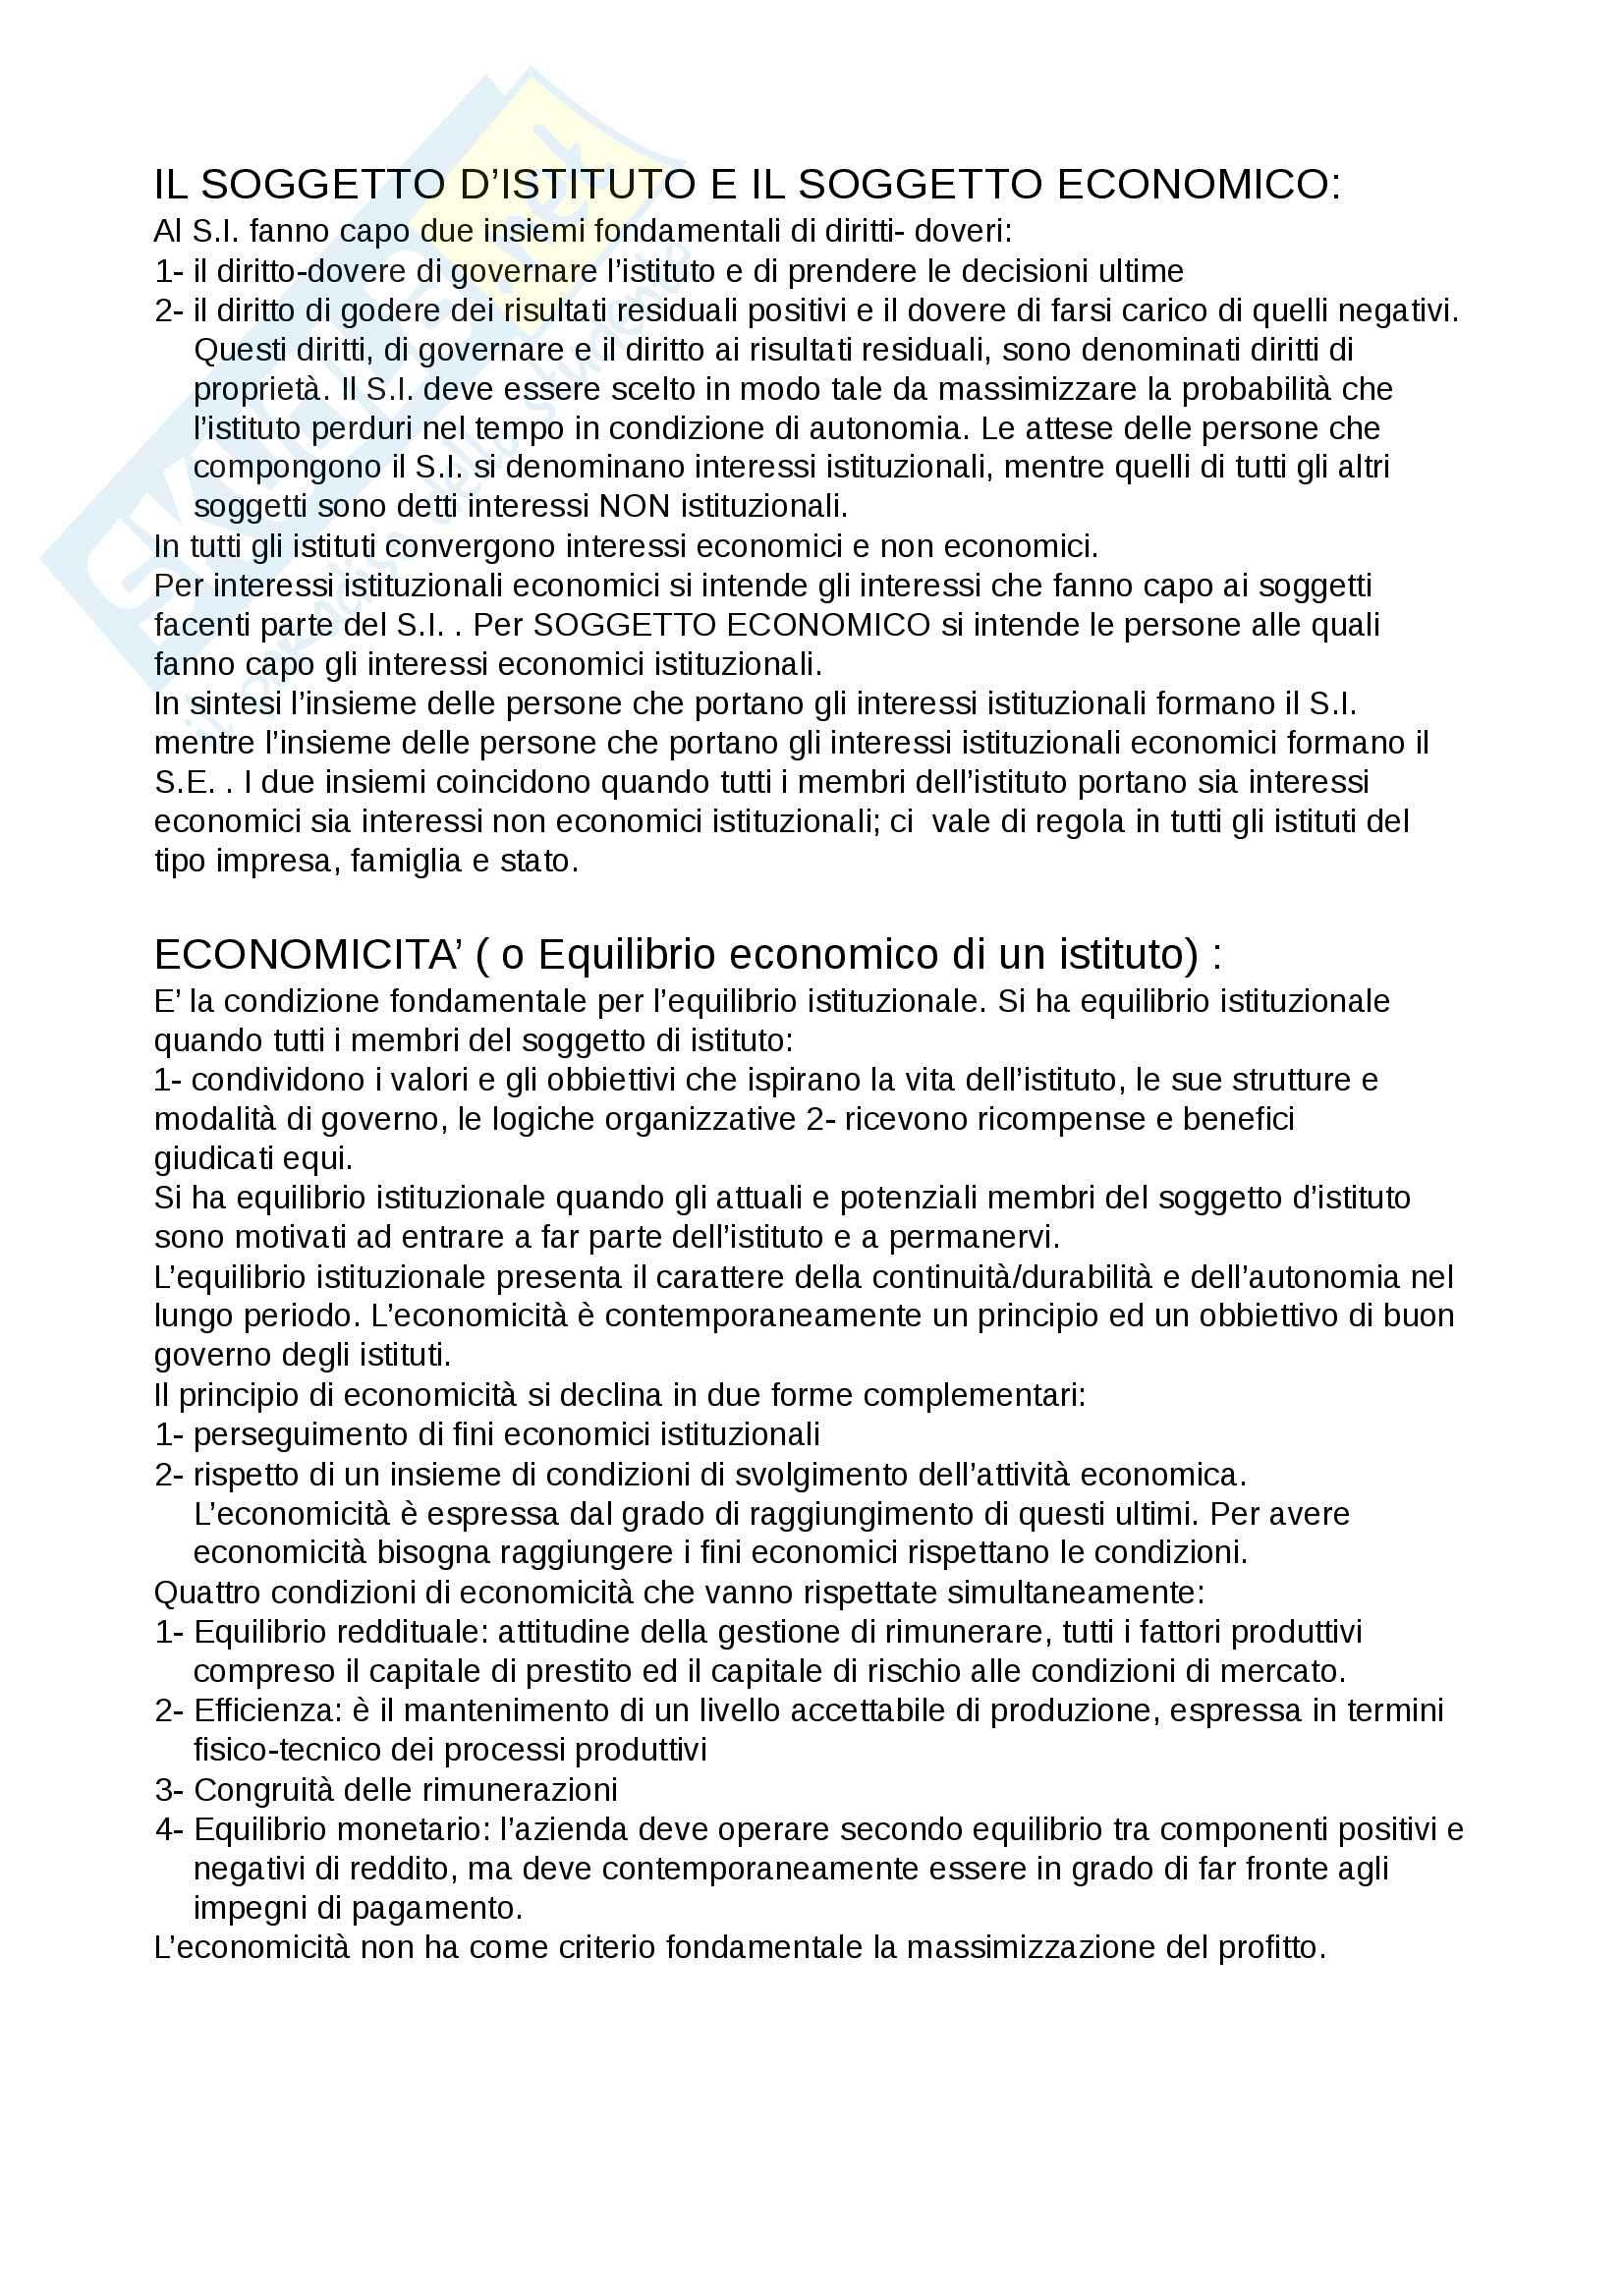 Riassunto per l'esame di Economia aziendale, prof Parolini, libro consigliato Airoldi, Brunetti Coda